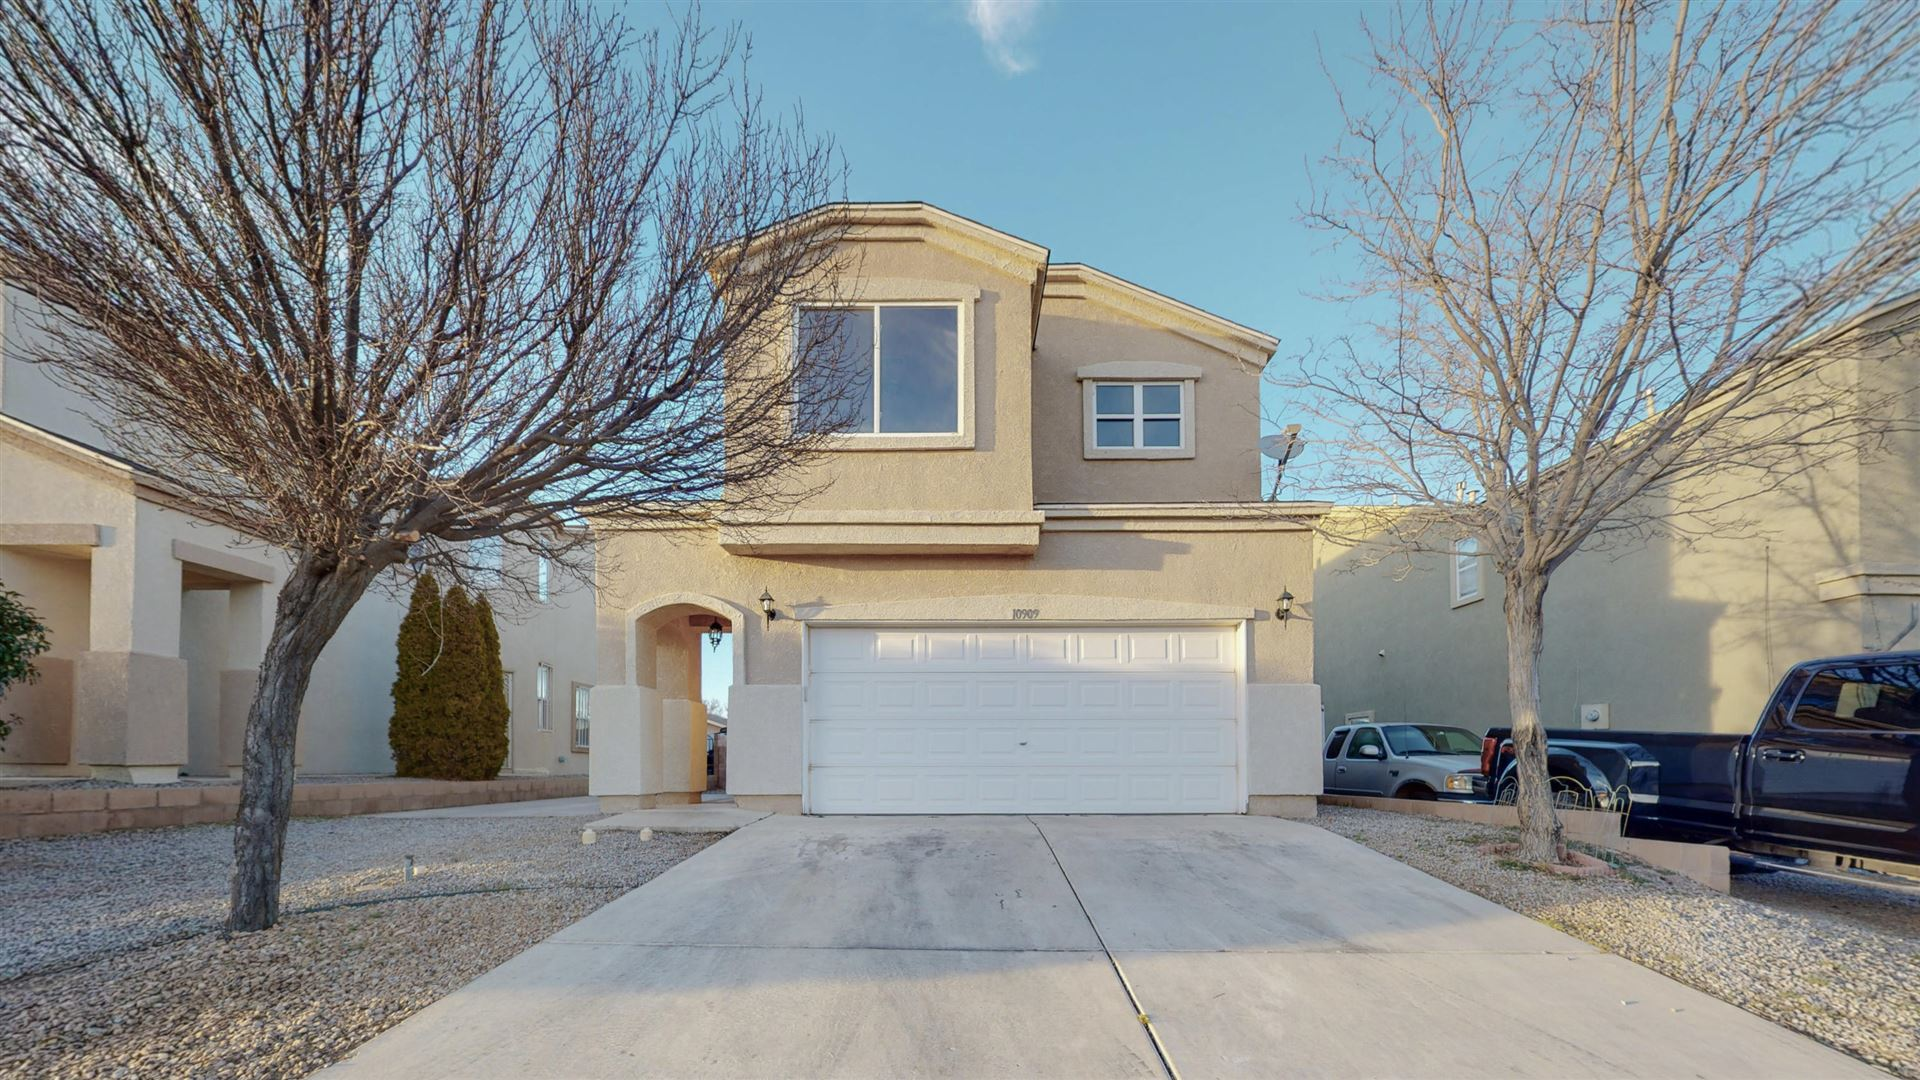 10909 CRANDALL Road SW, Albuquerque, NM 87121 - MLS#: 984740